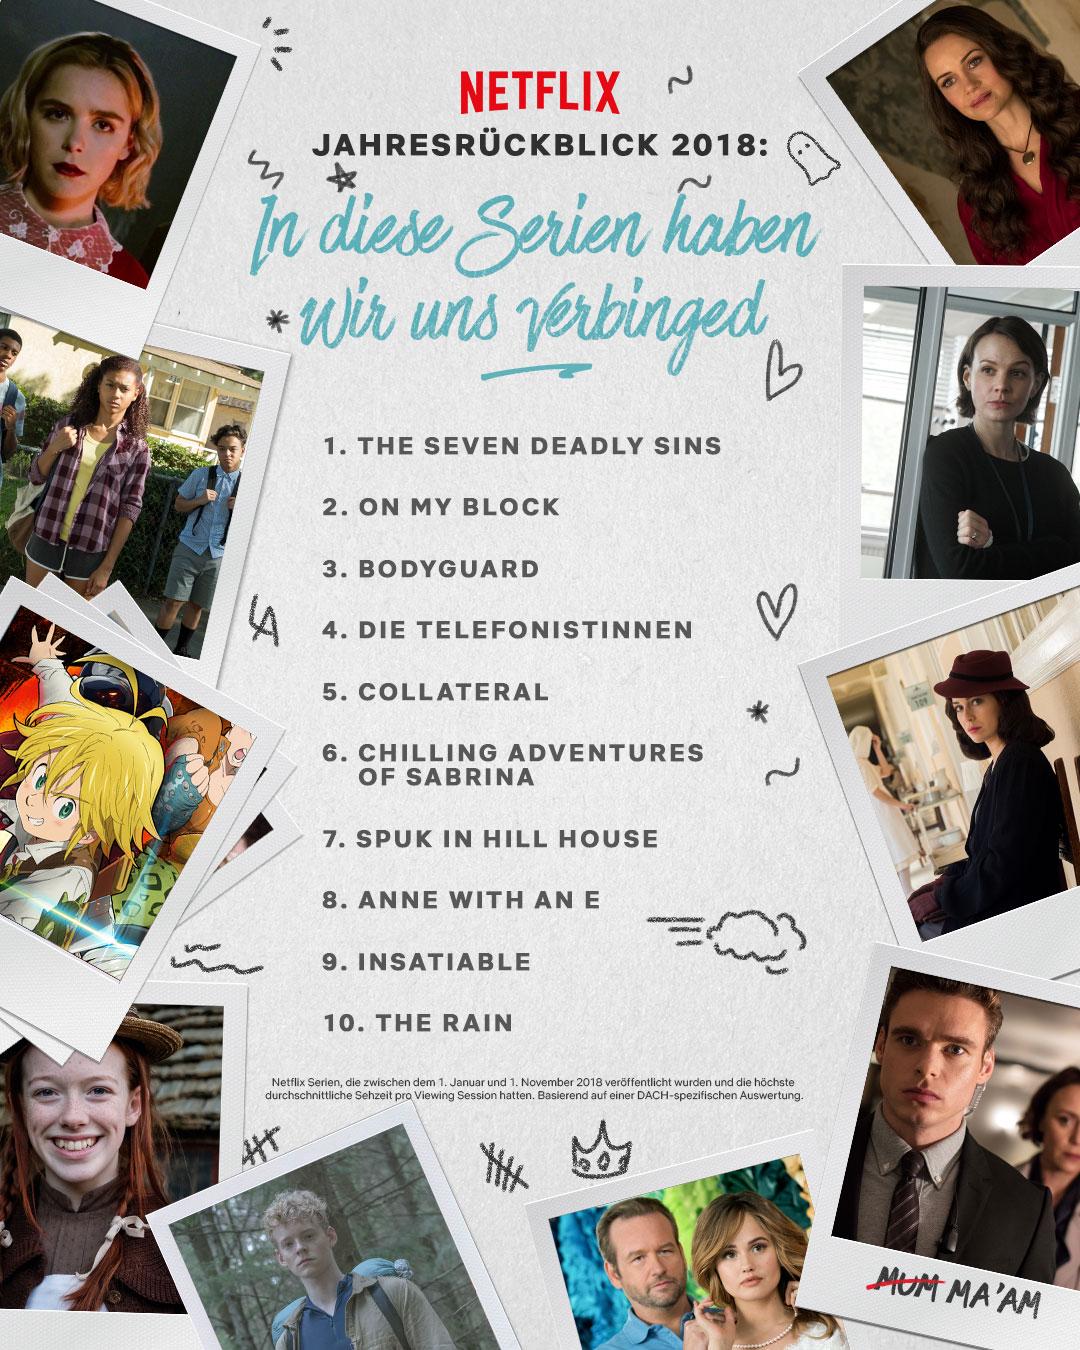 Netflix: Das sind die Lieblingsserien der Deutschen